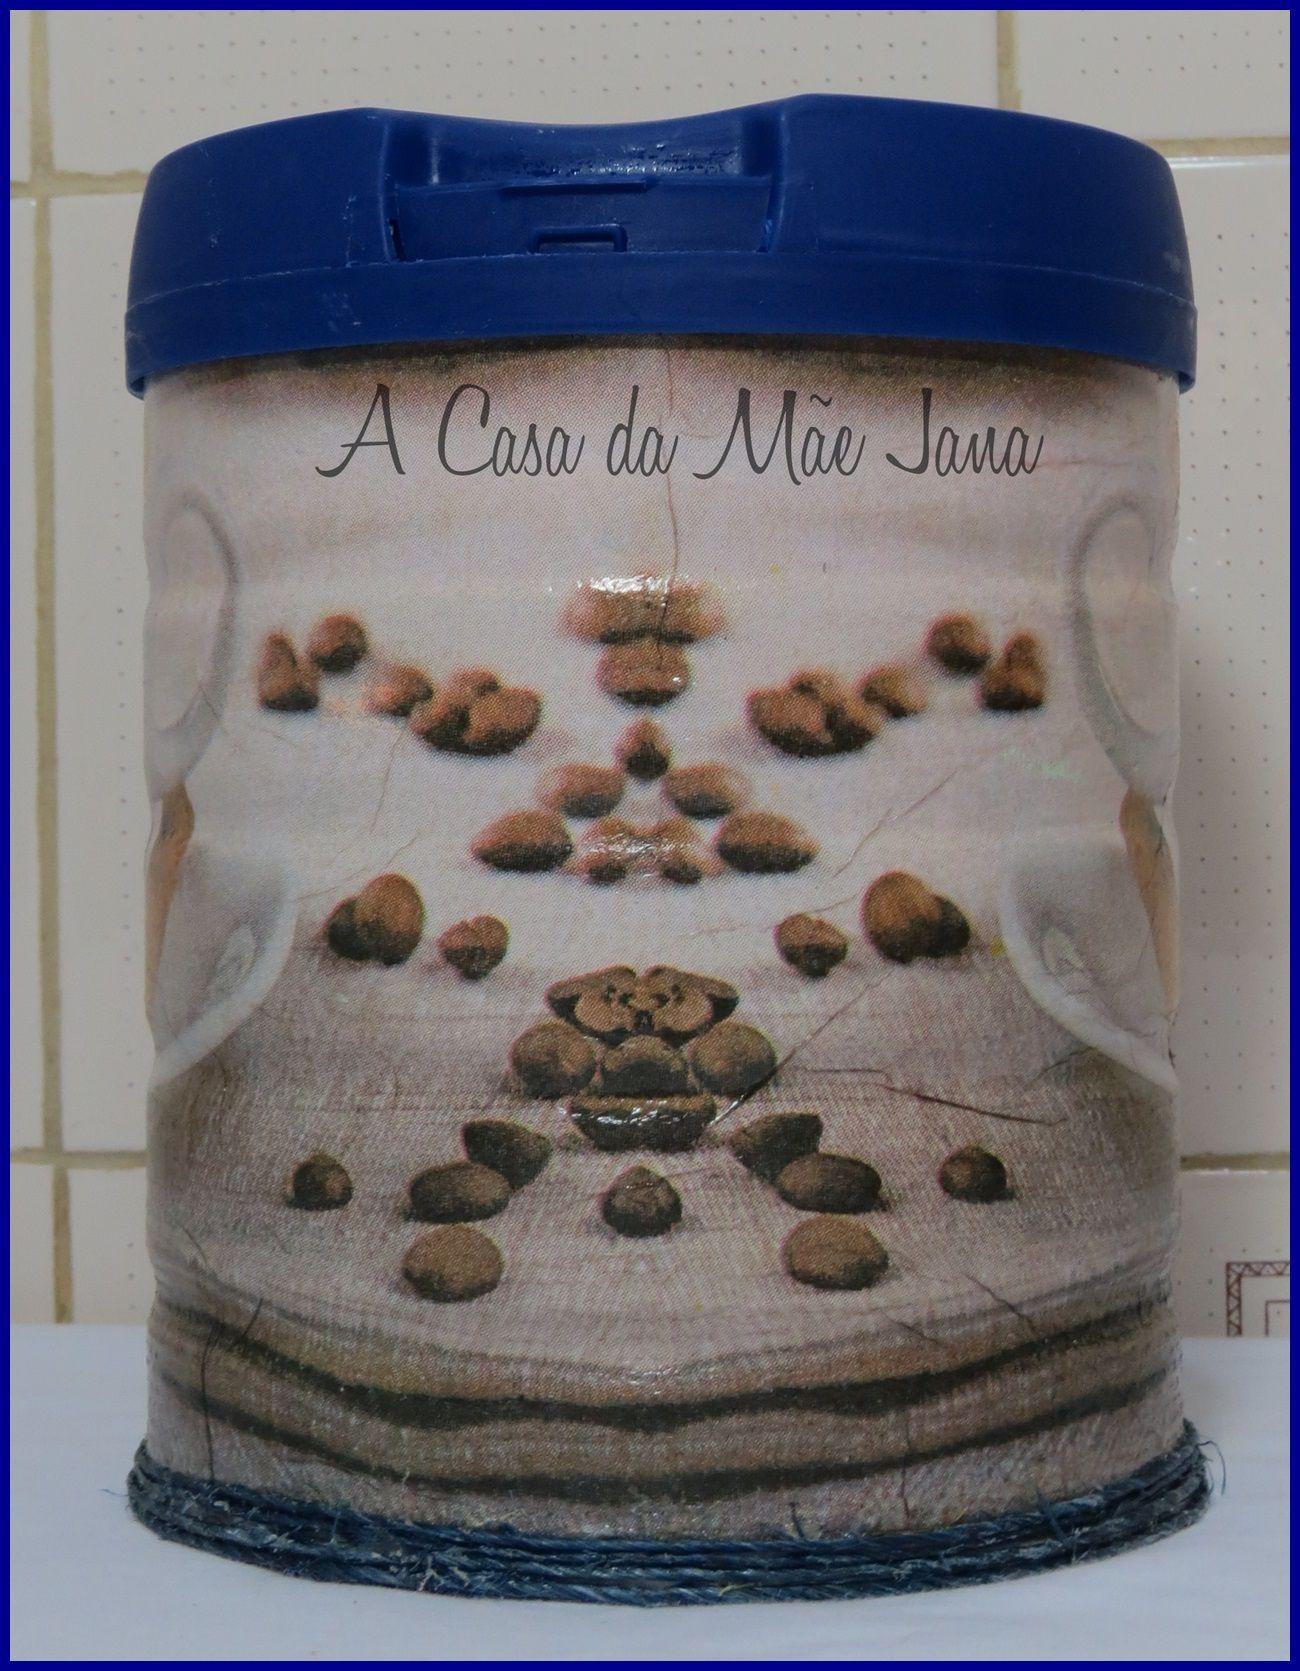 Latas com decoupage  http://acasadamaejana.blogspot.com.br/2015/12/resultado-da-enquete.html